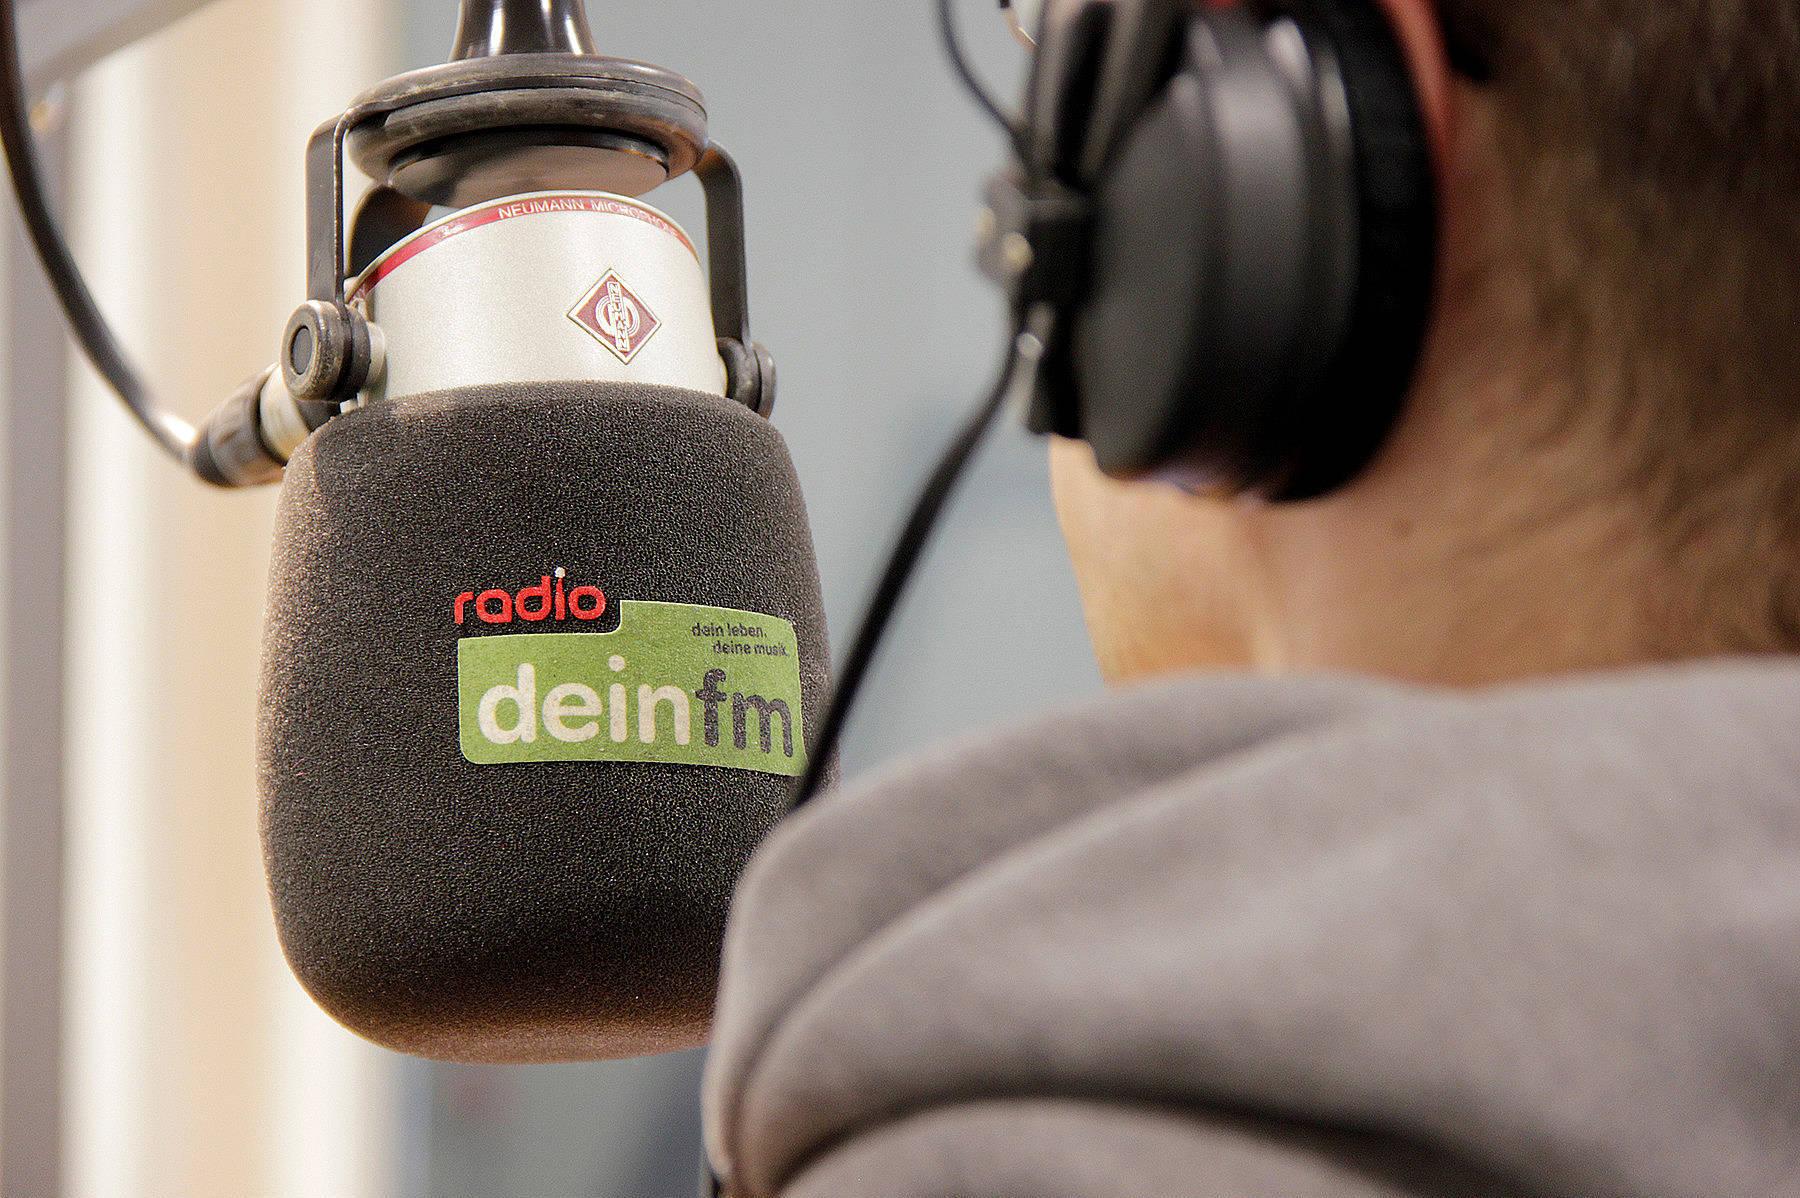 Radio WAF deinfm